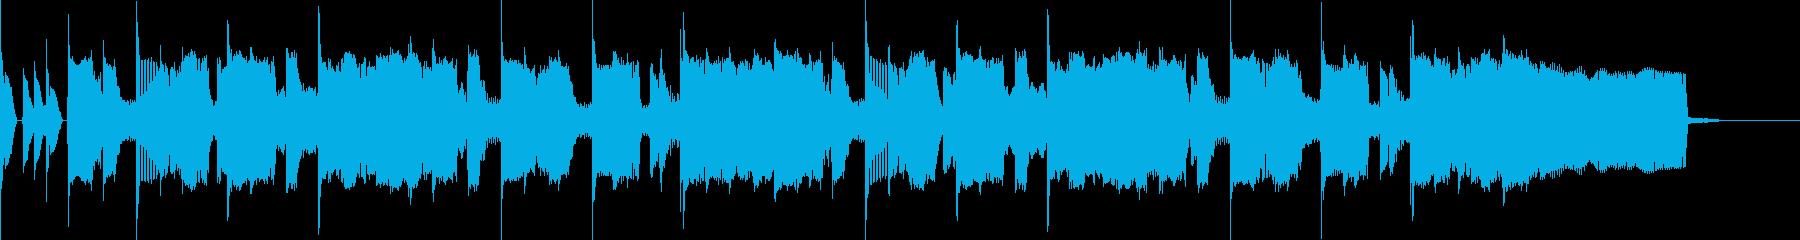 30秒CMおちついた雰囲気のギターの再生済みの波形